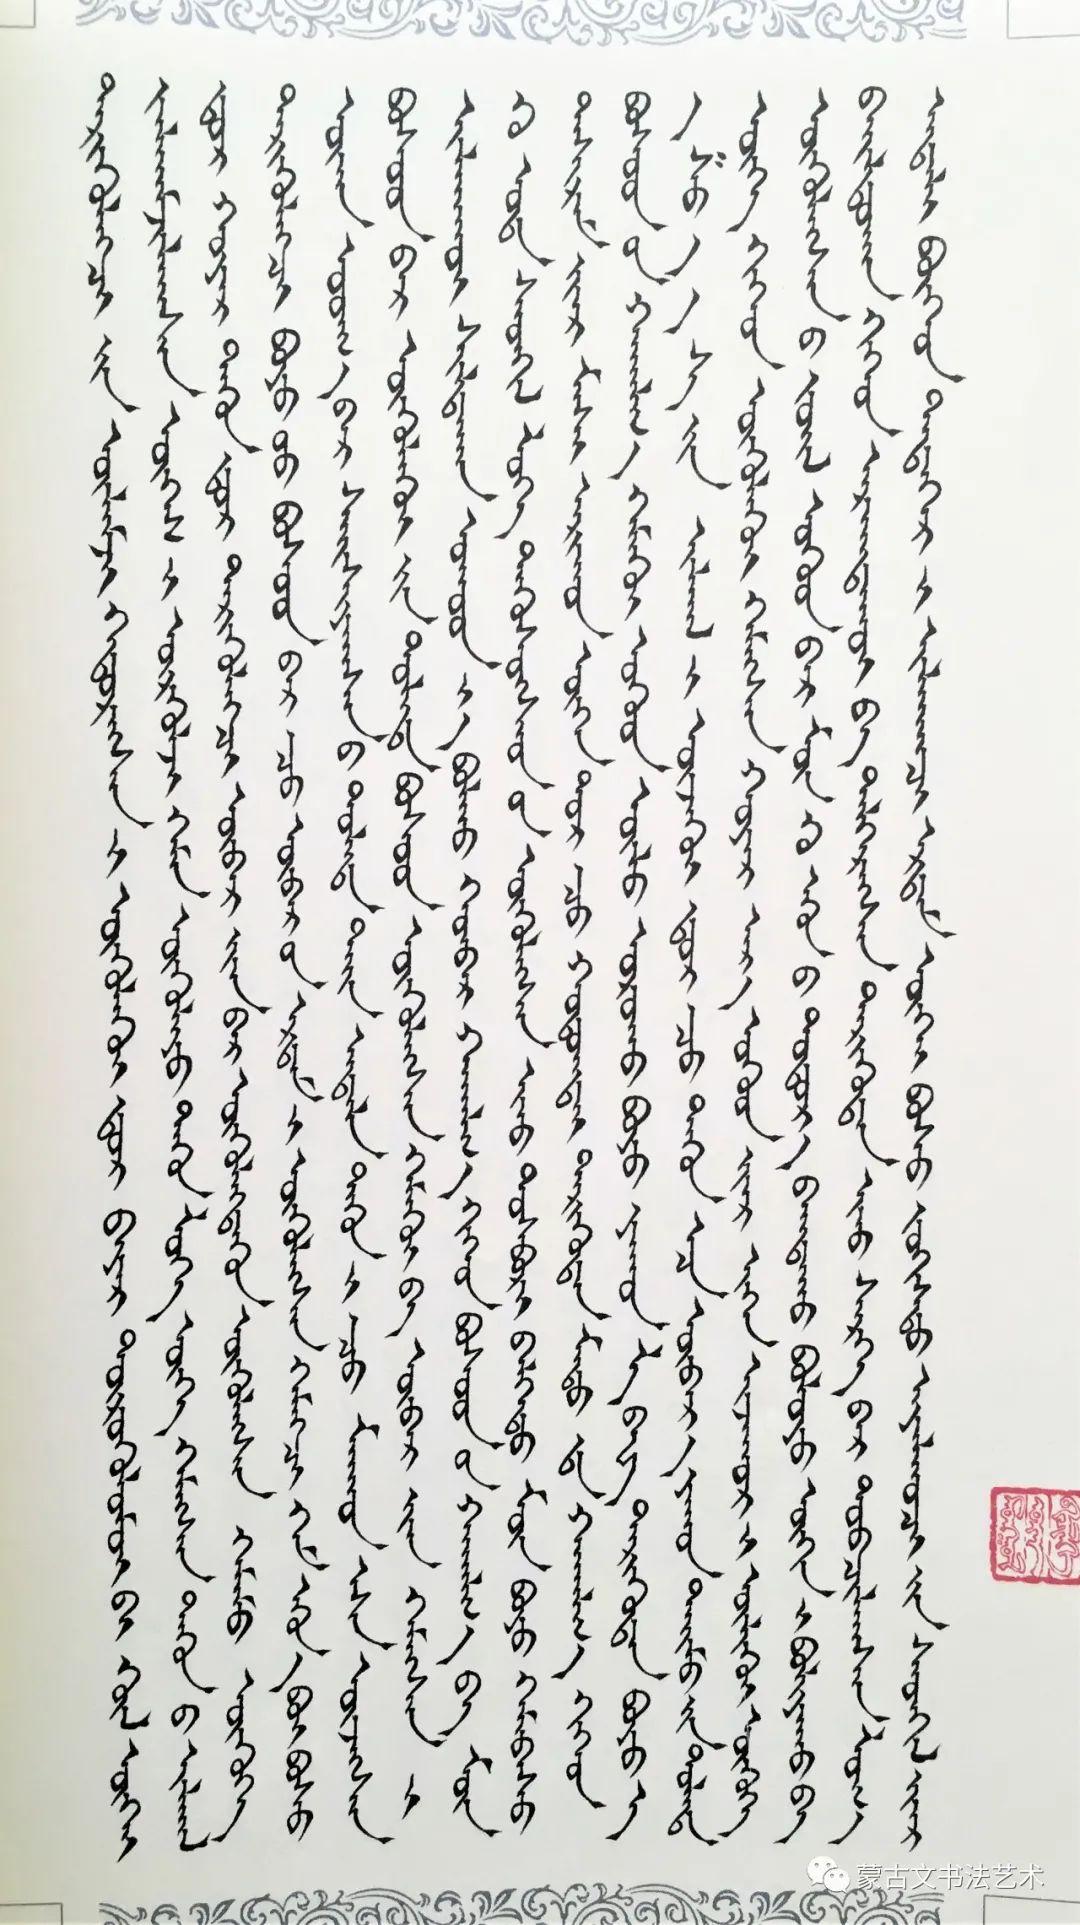 戴海琴楷书《诗镜论》 第9张 戴海琴楷书《诗镜论》 蒙古书法